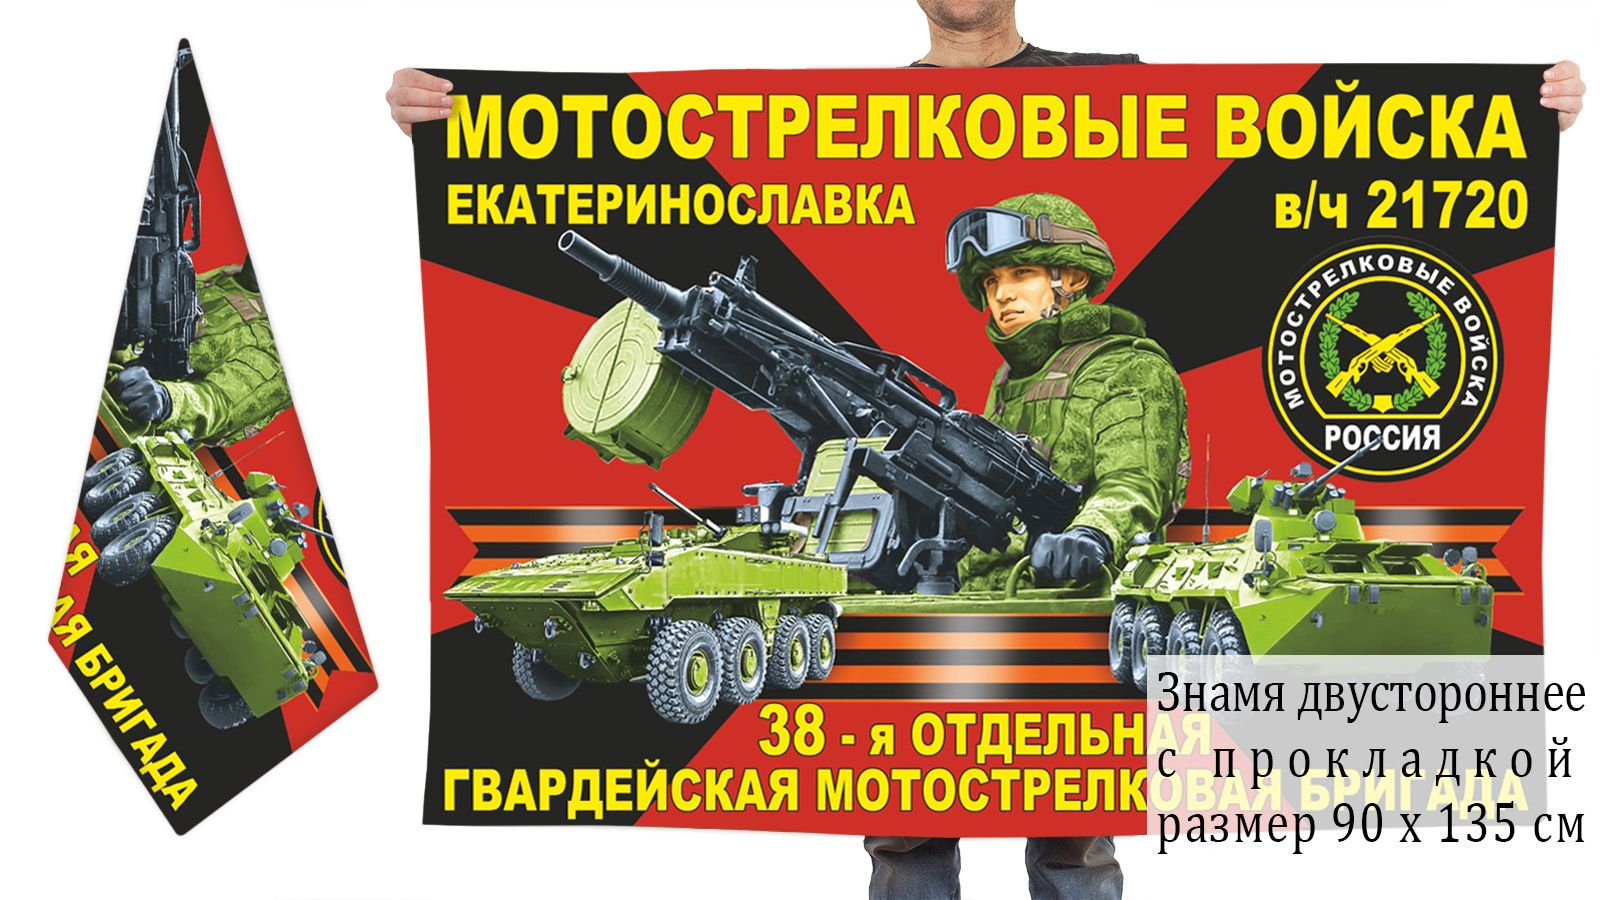 Двусторонний флаг 38 отдельной гвардейской бригады мотострелков